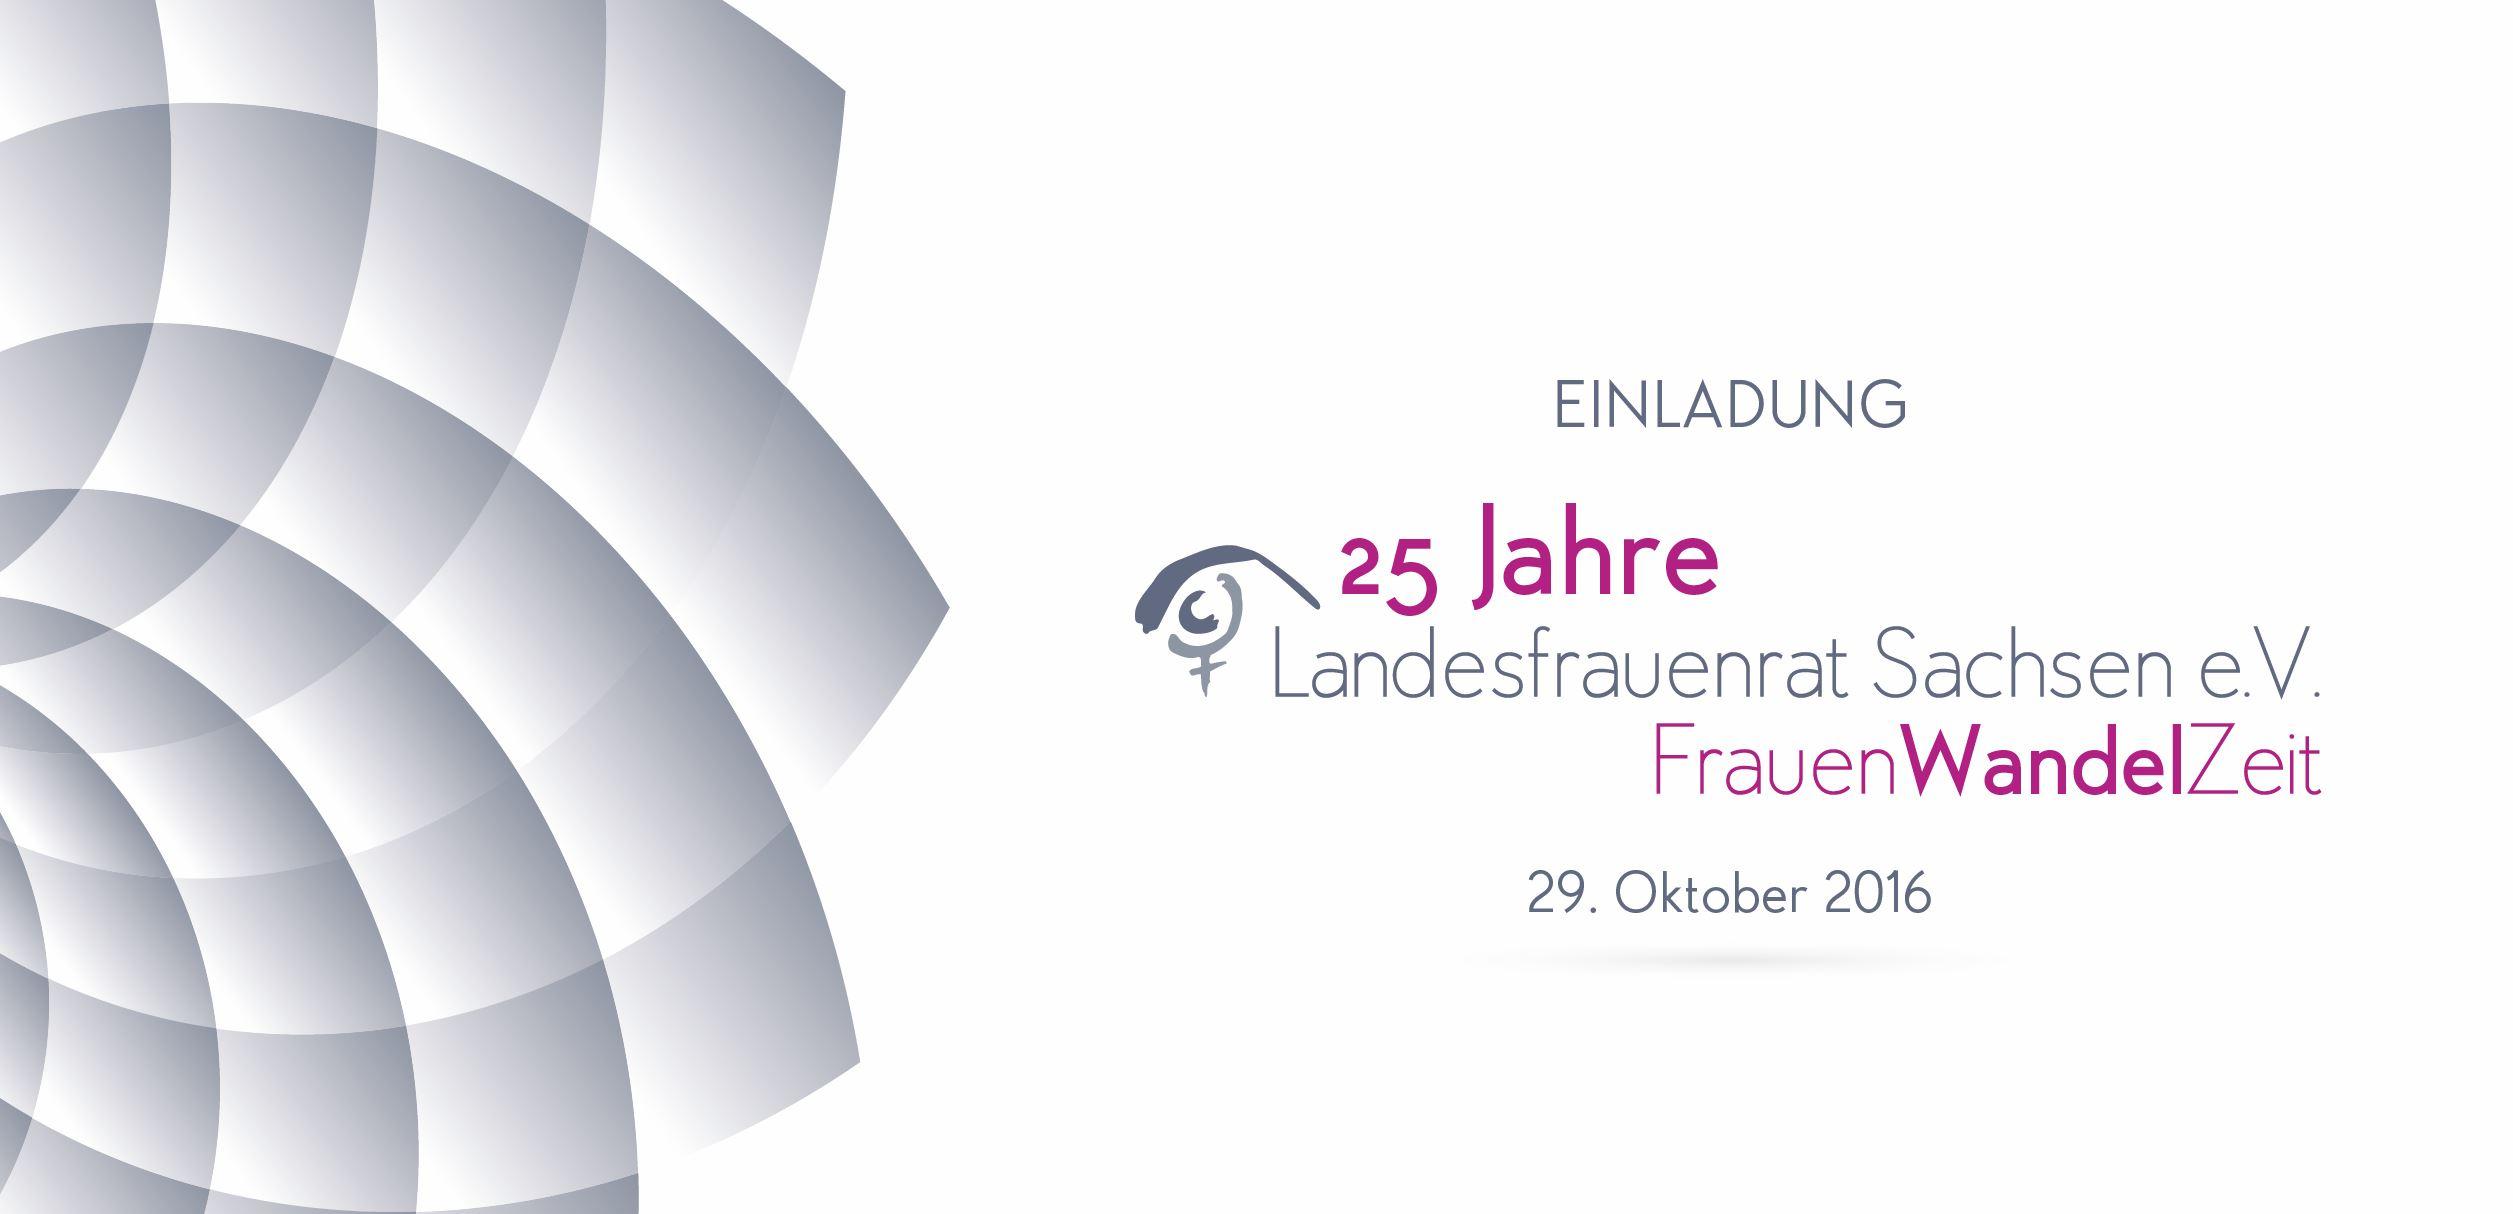 25 Jahre Landfrauenrat Sachsen